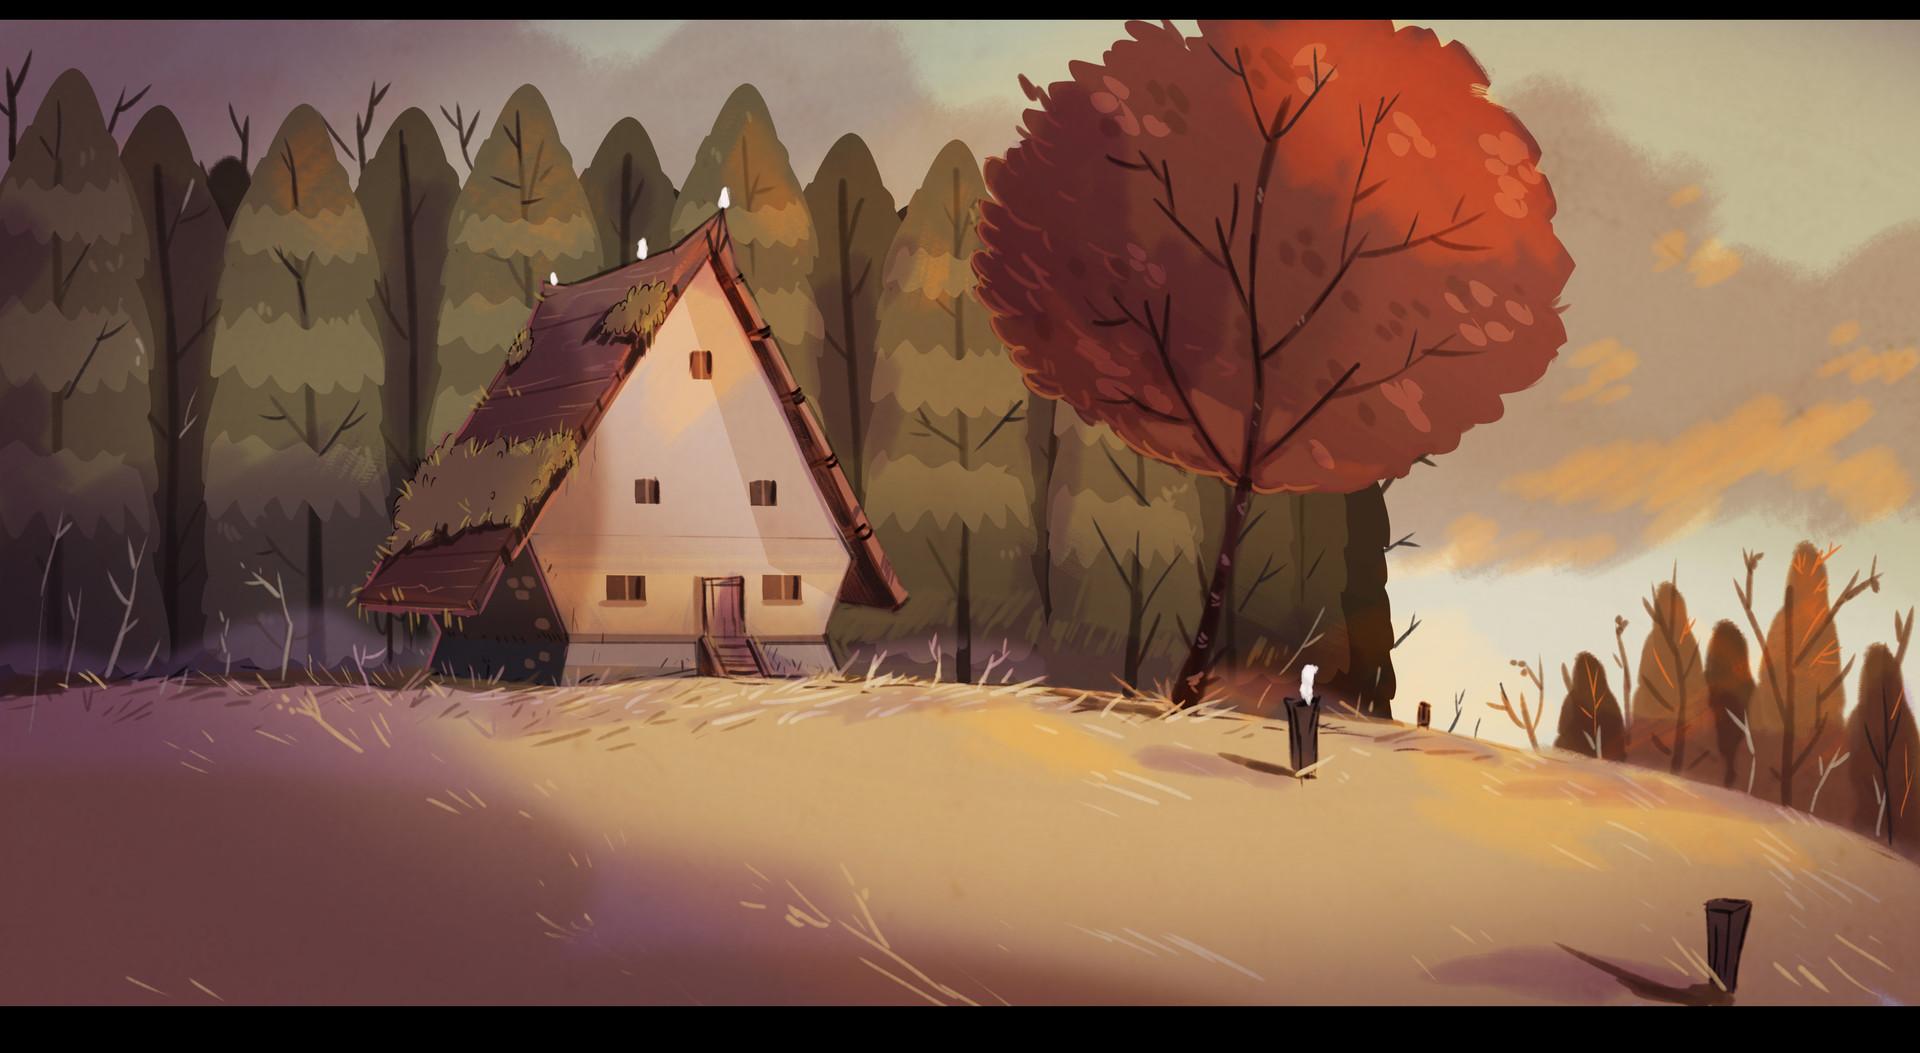 Pablo broseta casa exterior sketch color